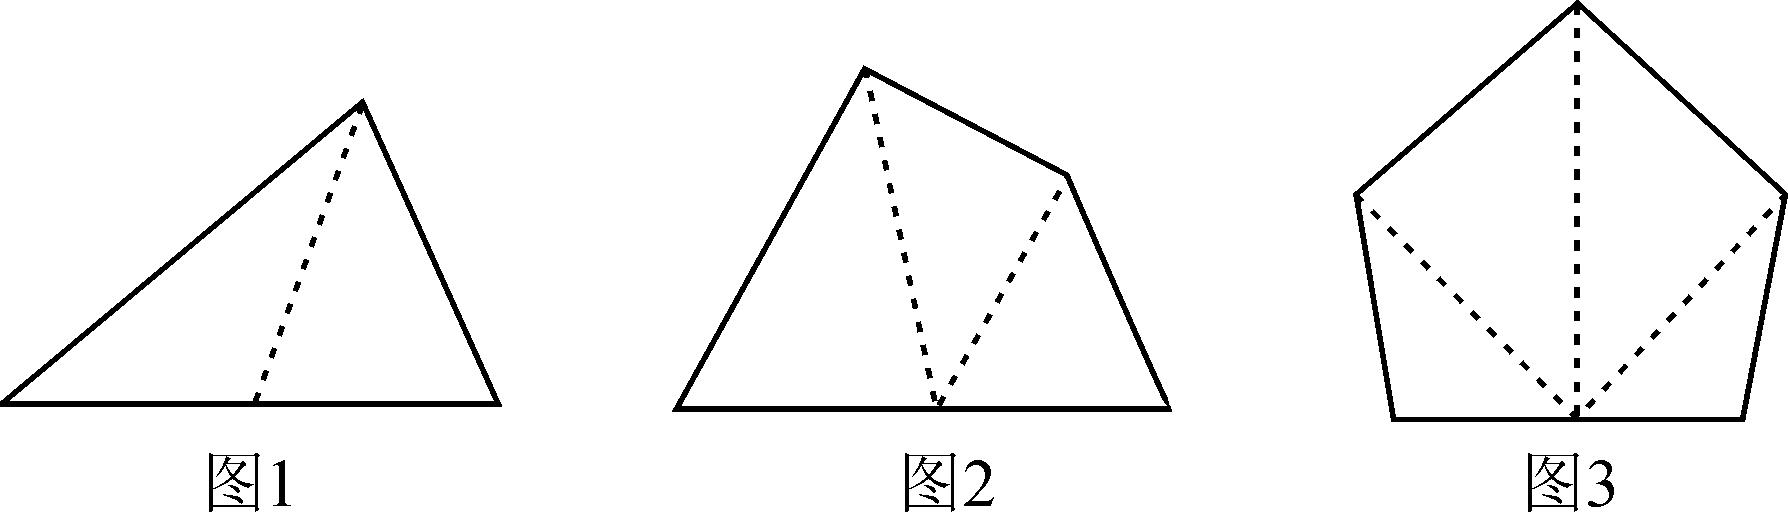 新人教版八年级数学上册11.3.1 多边形学案